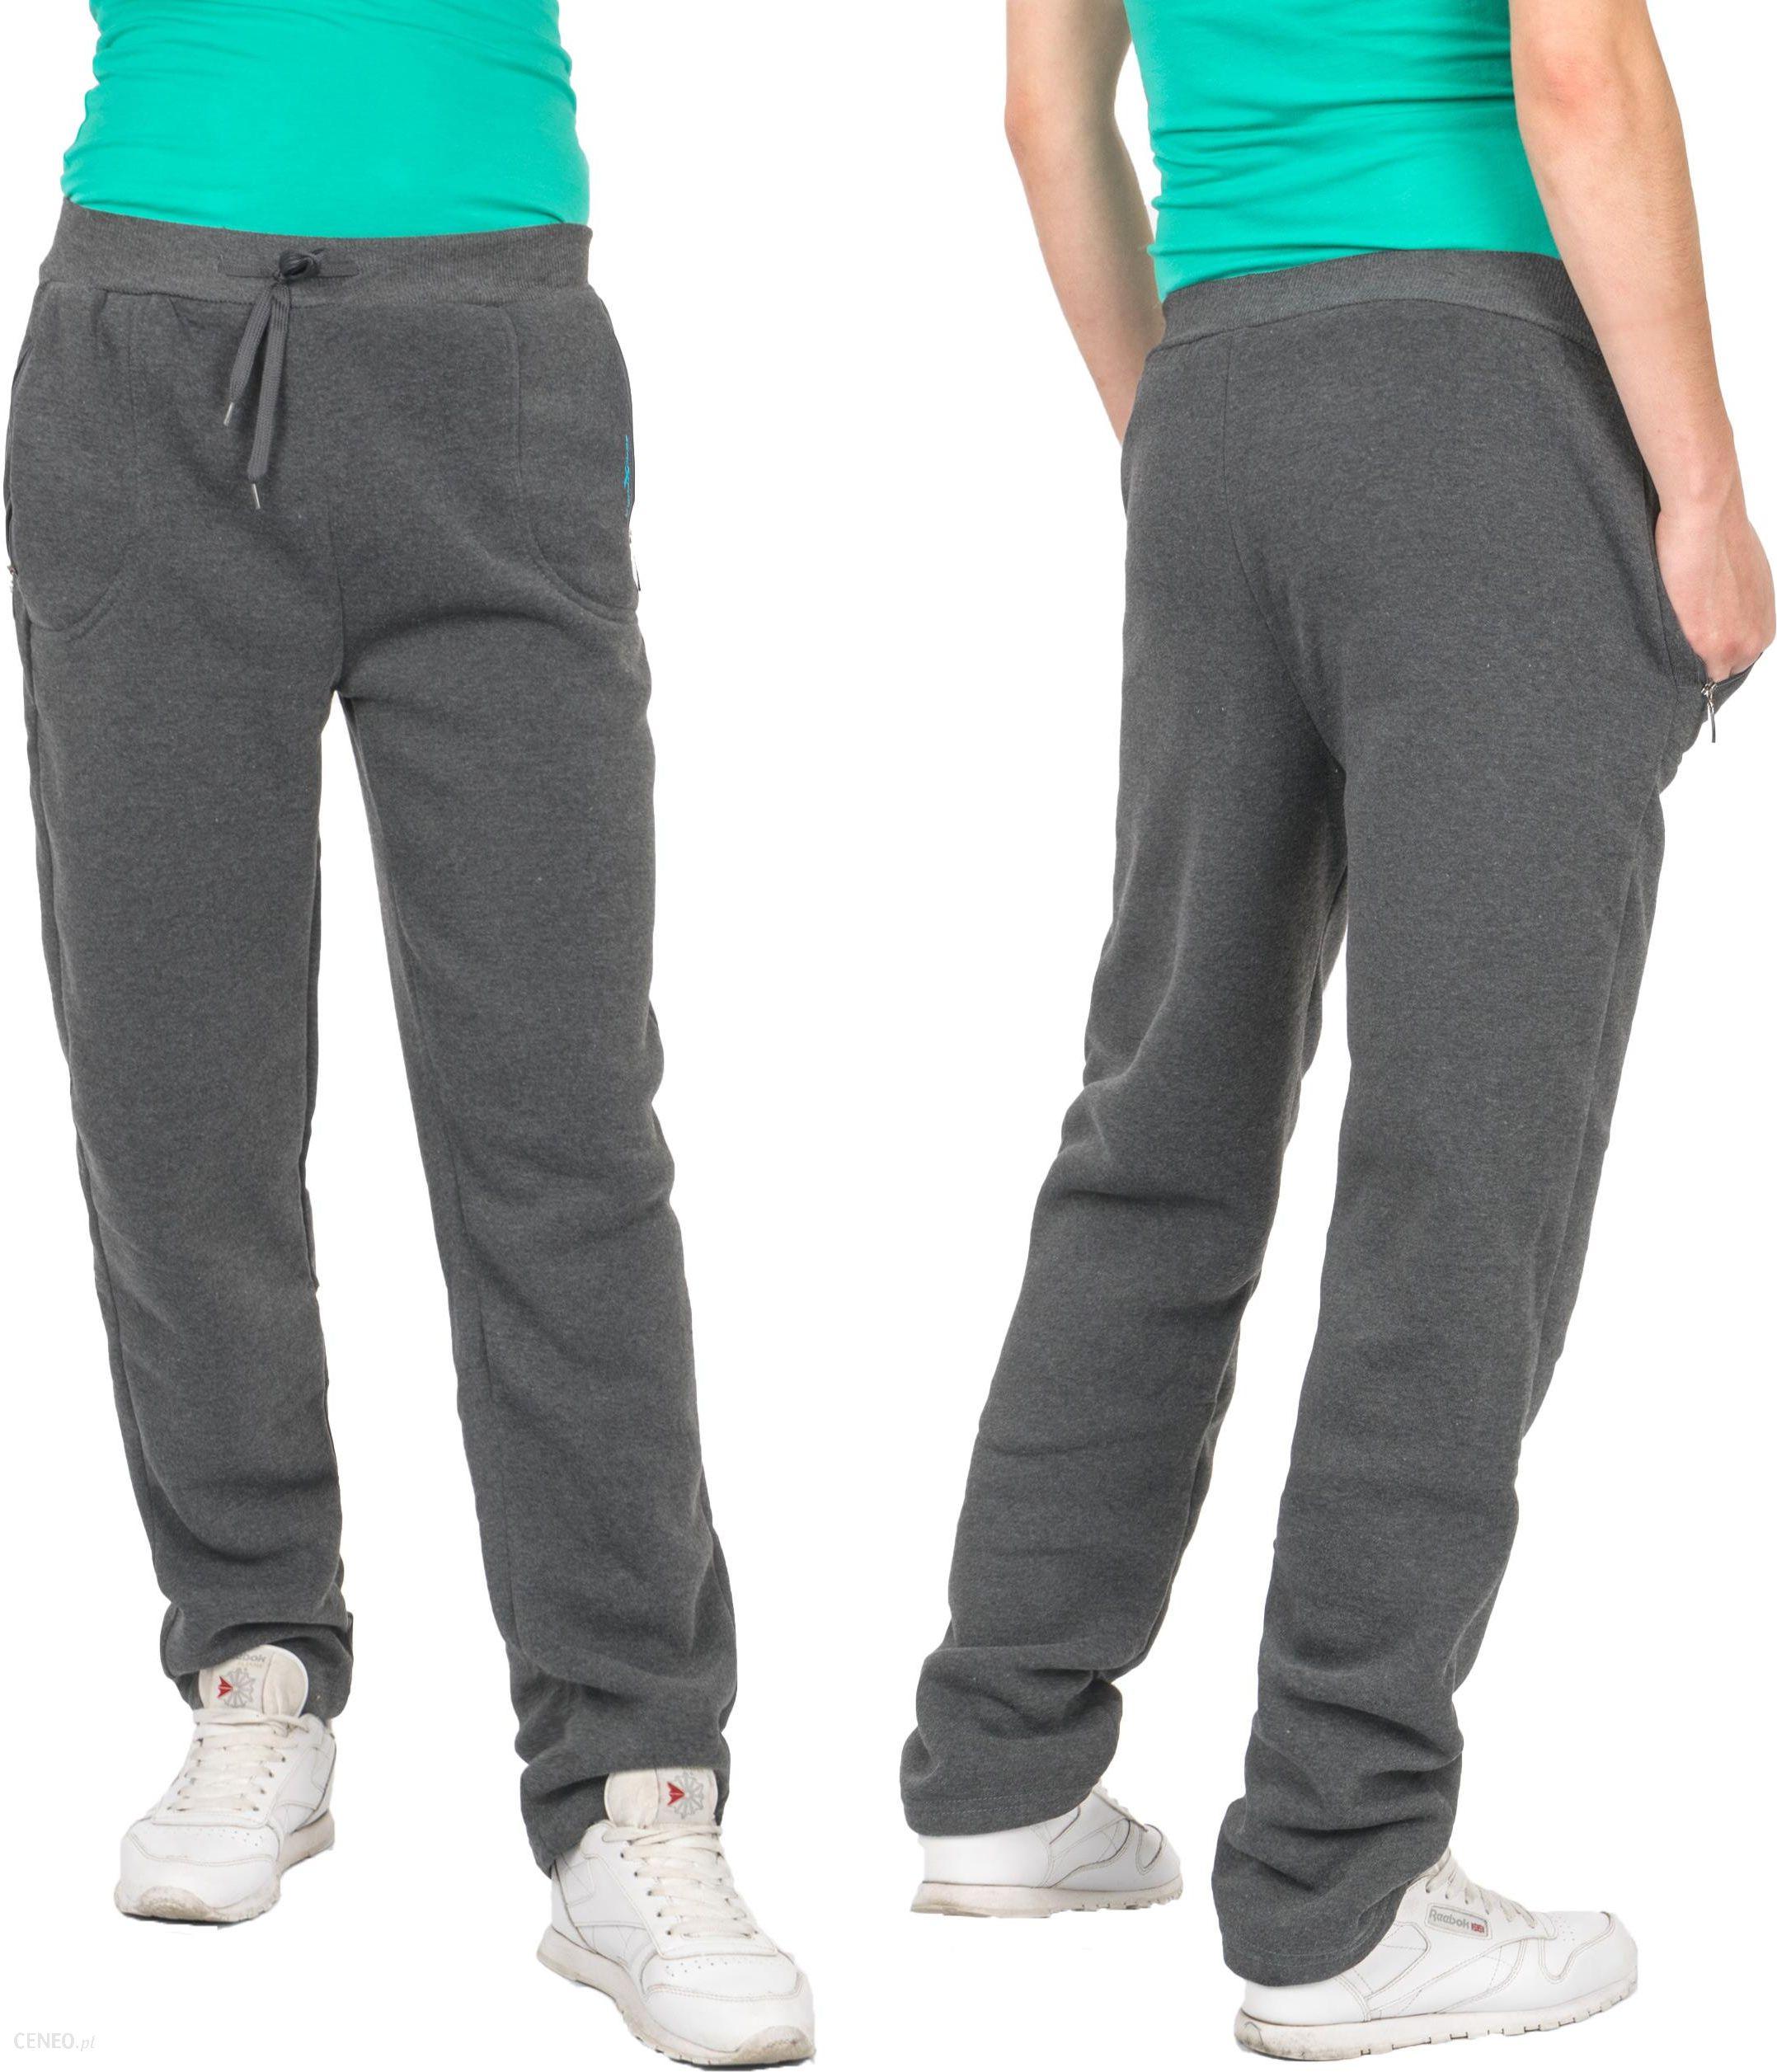 91c452bbda9e1 I Dresowe Ceny Opinie R Damskie 5103 Antracyt Xxl Dresy Spodnie 8nA7BZ